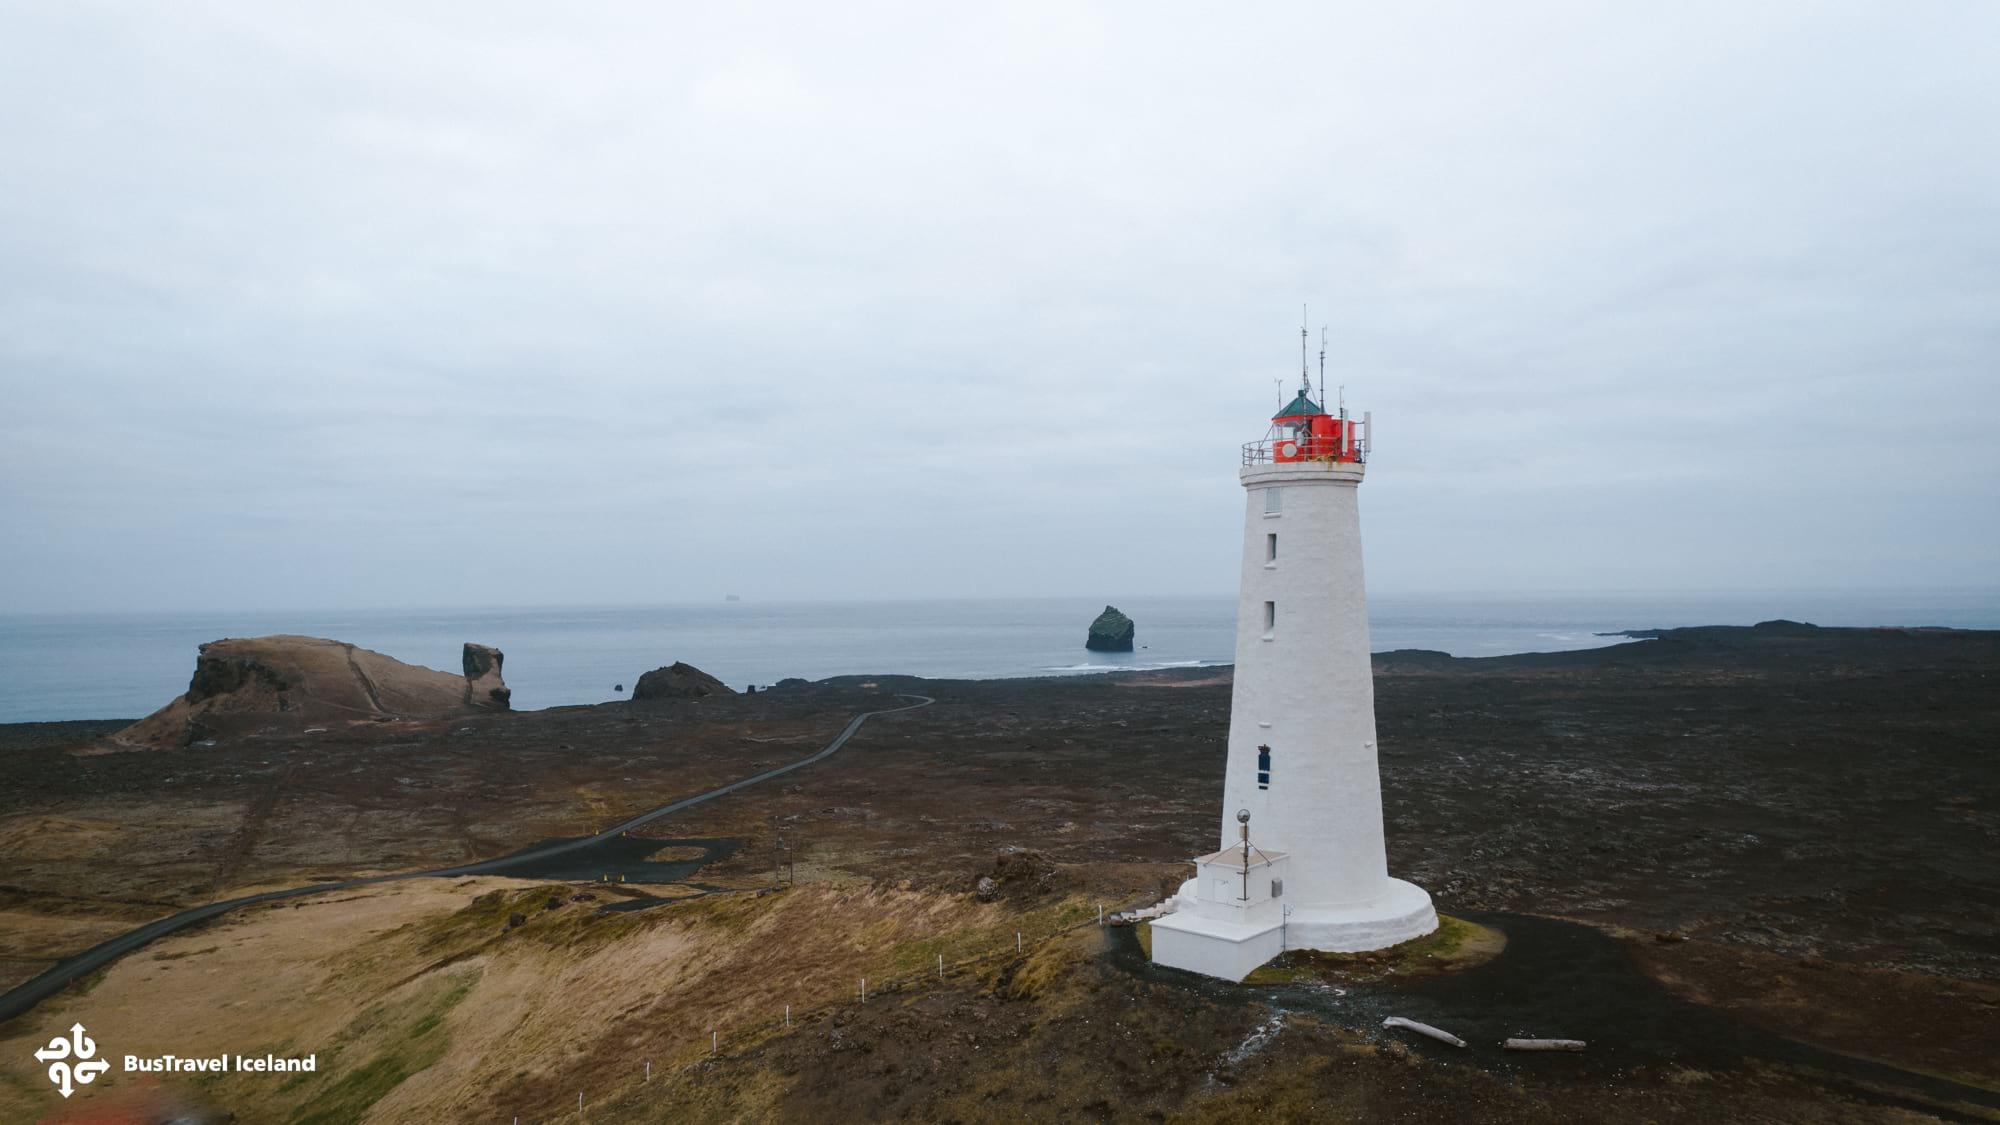 Reykjanesviti iconic white lighthouse in Reykjanes Peninsula Iceland